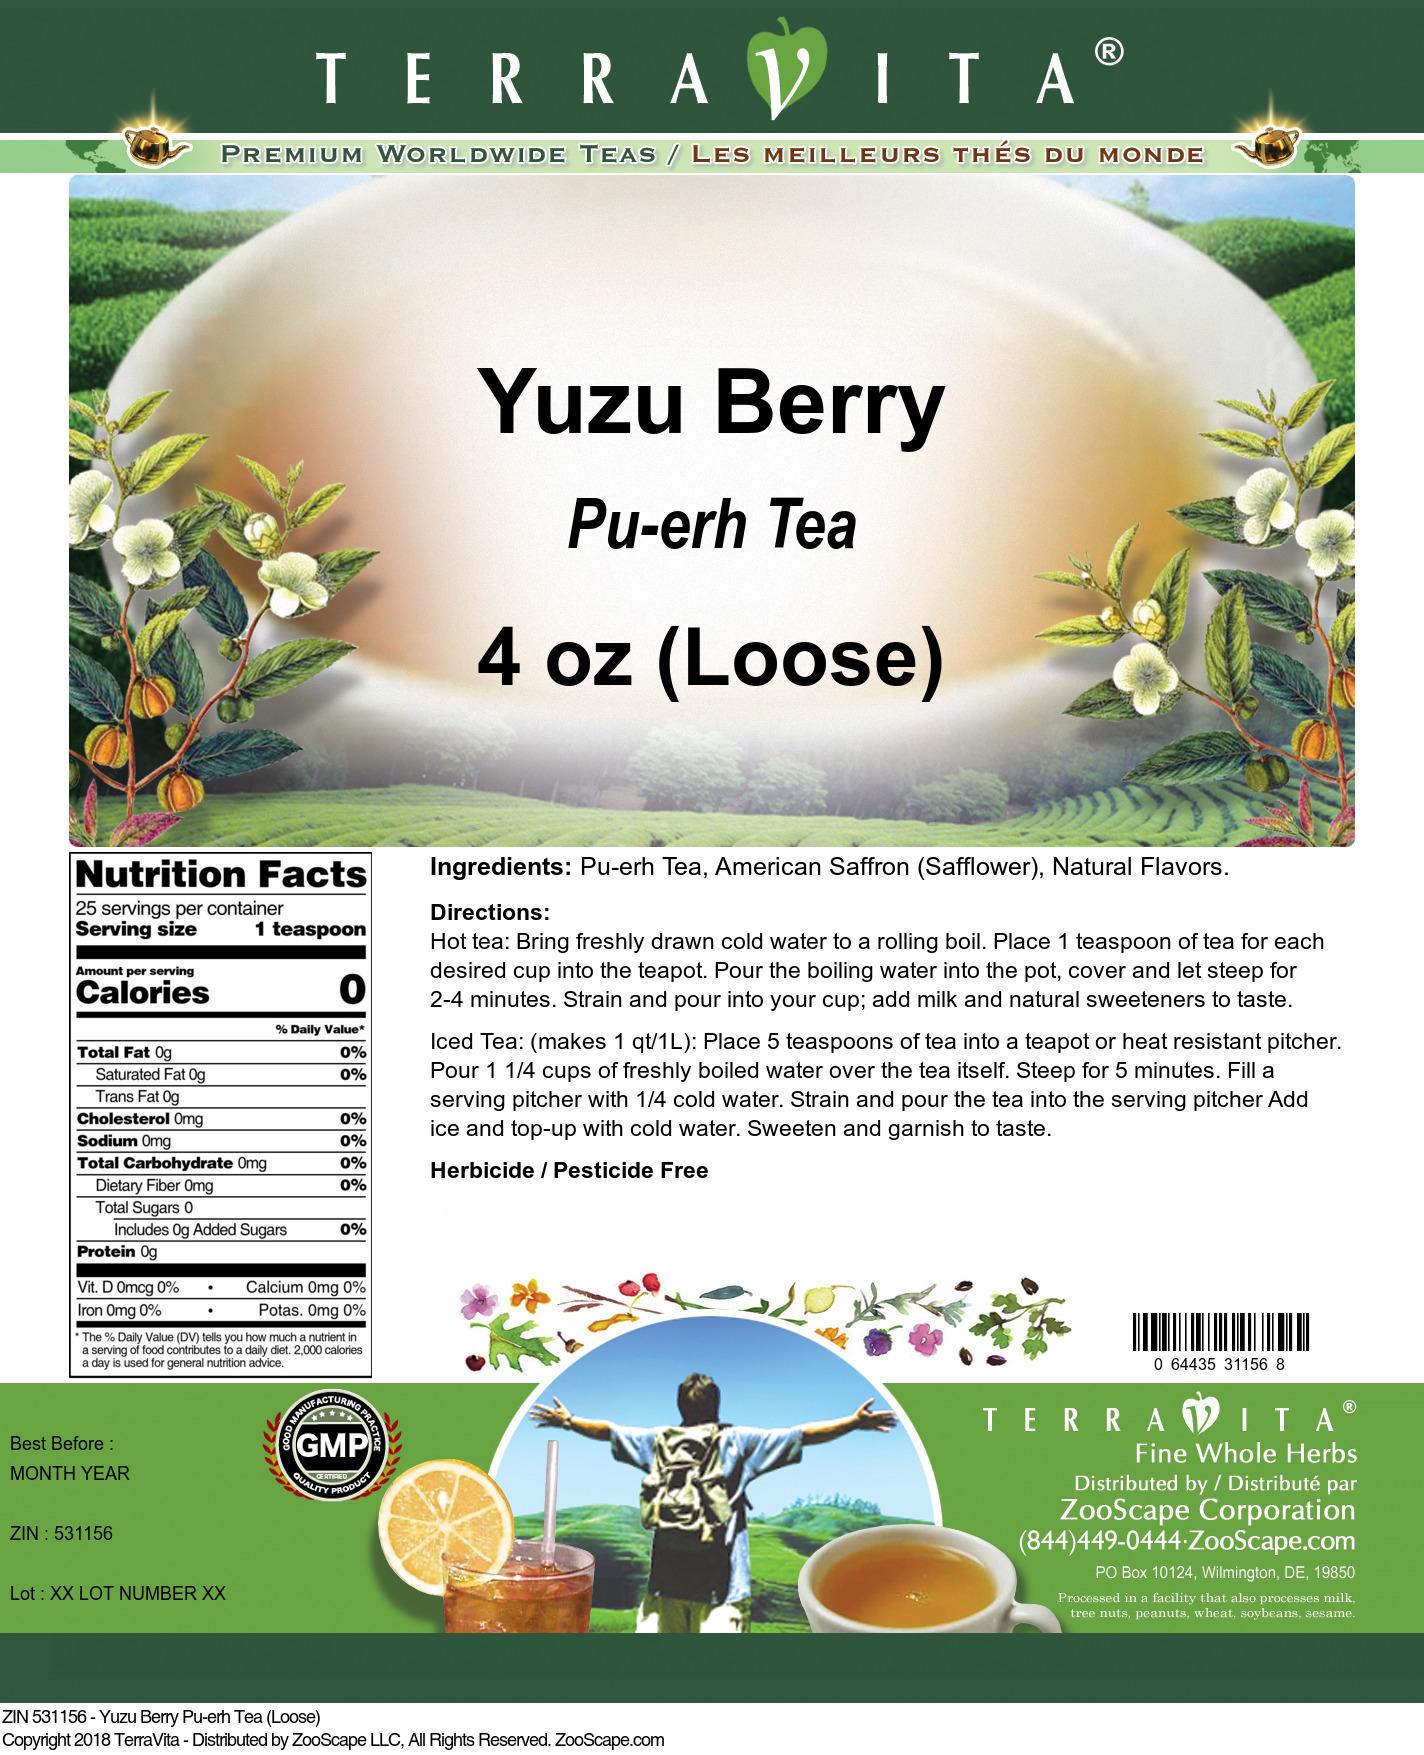 Yuzu Berry Pu-erh Tea